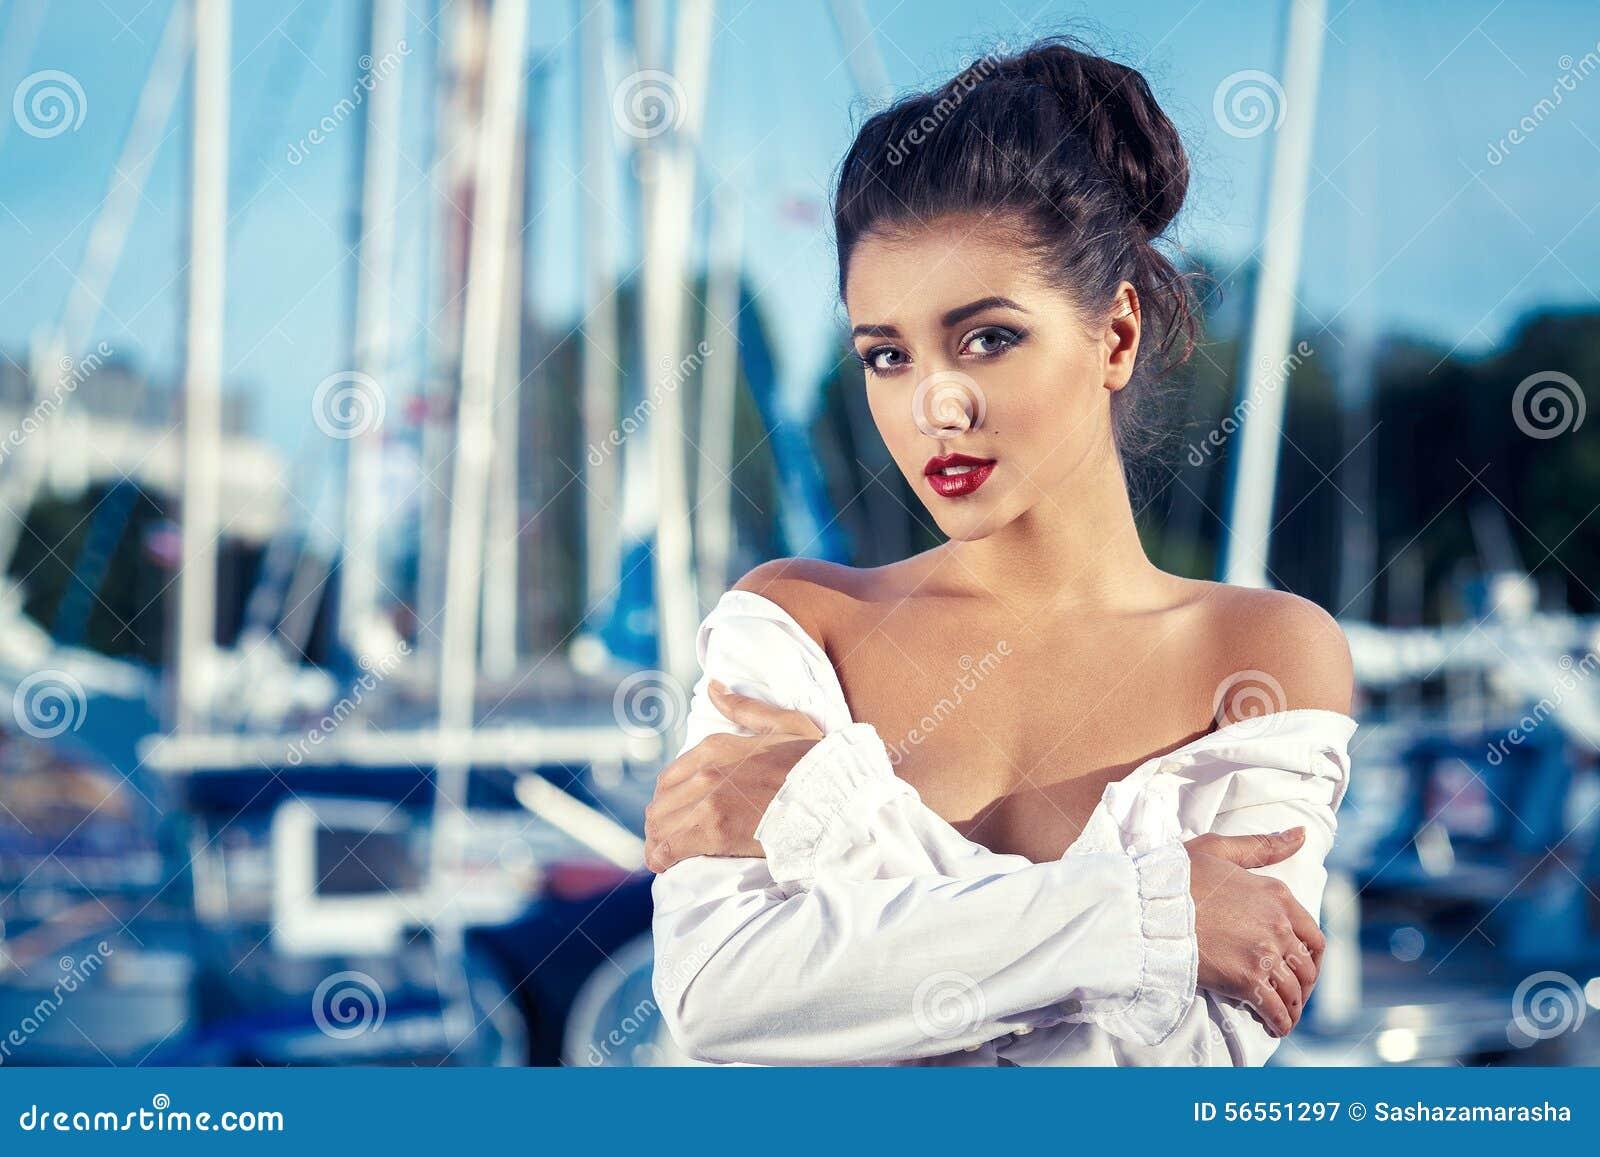 Download Νέα προκλητική γυναίκα στην αποβάθρα κοντά στις βάρκες και τα γιοτ Στοκ Εικόνα - εικόνα από κορίτσι, απολαύστε: 56551297